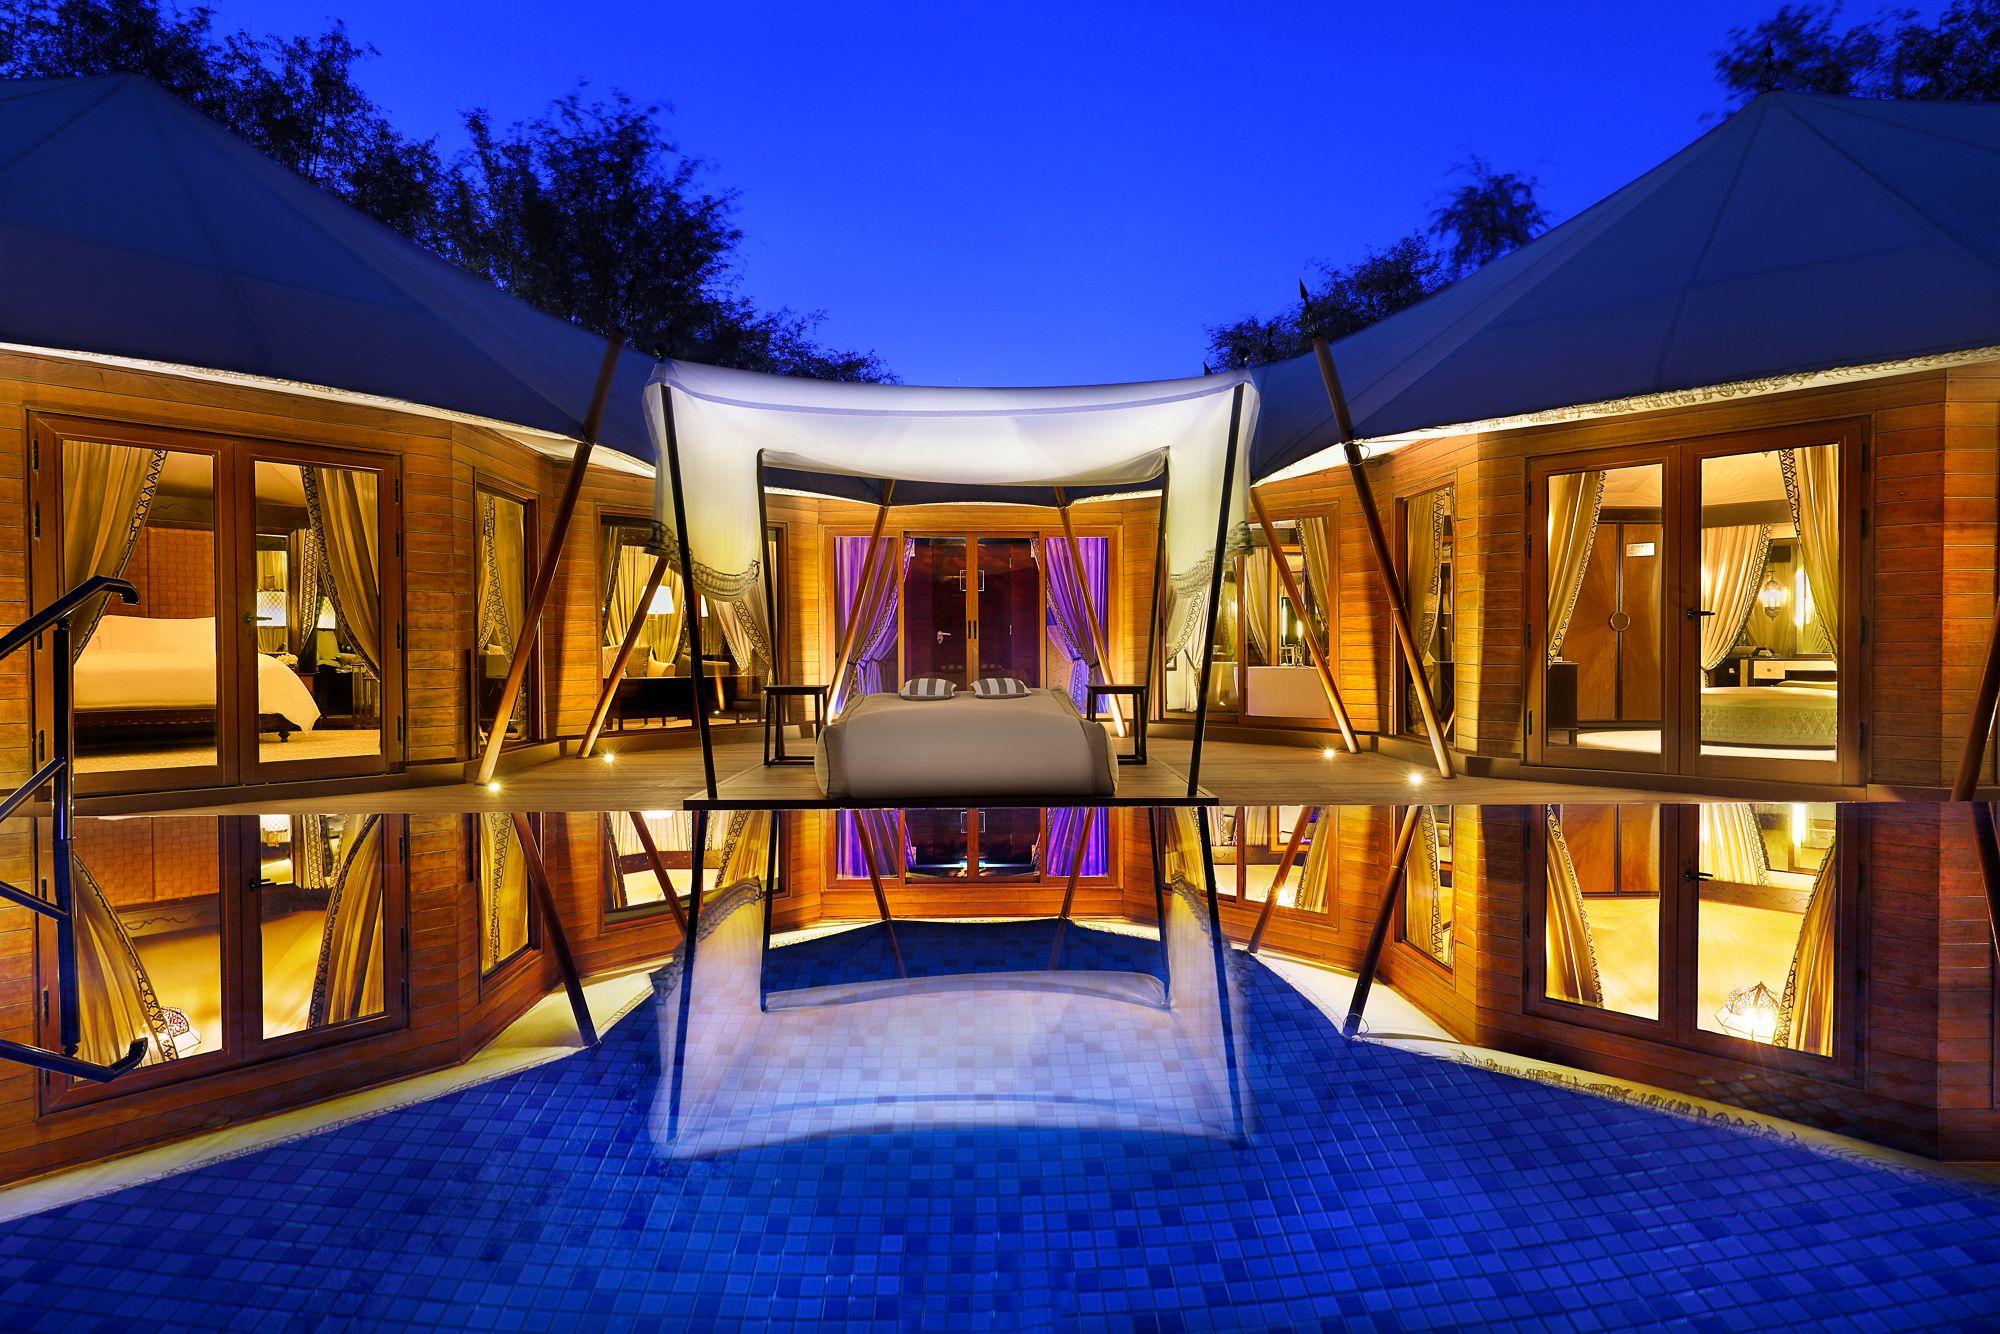 ras-al-khaimah-desert-hotel